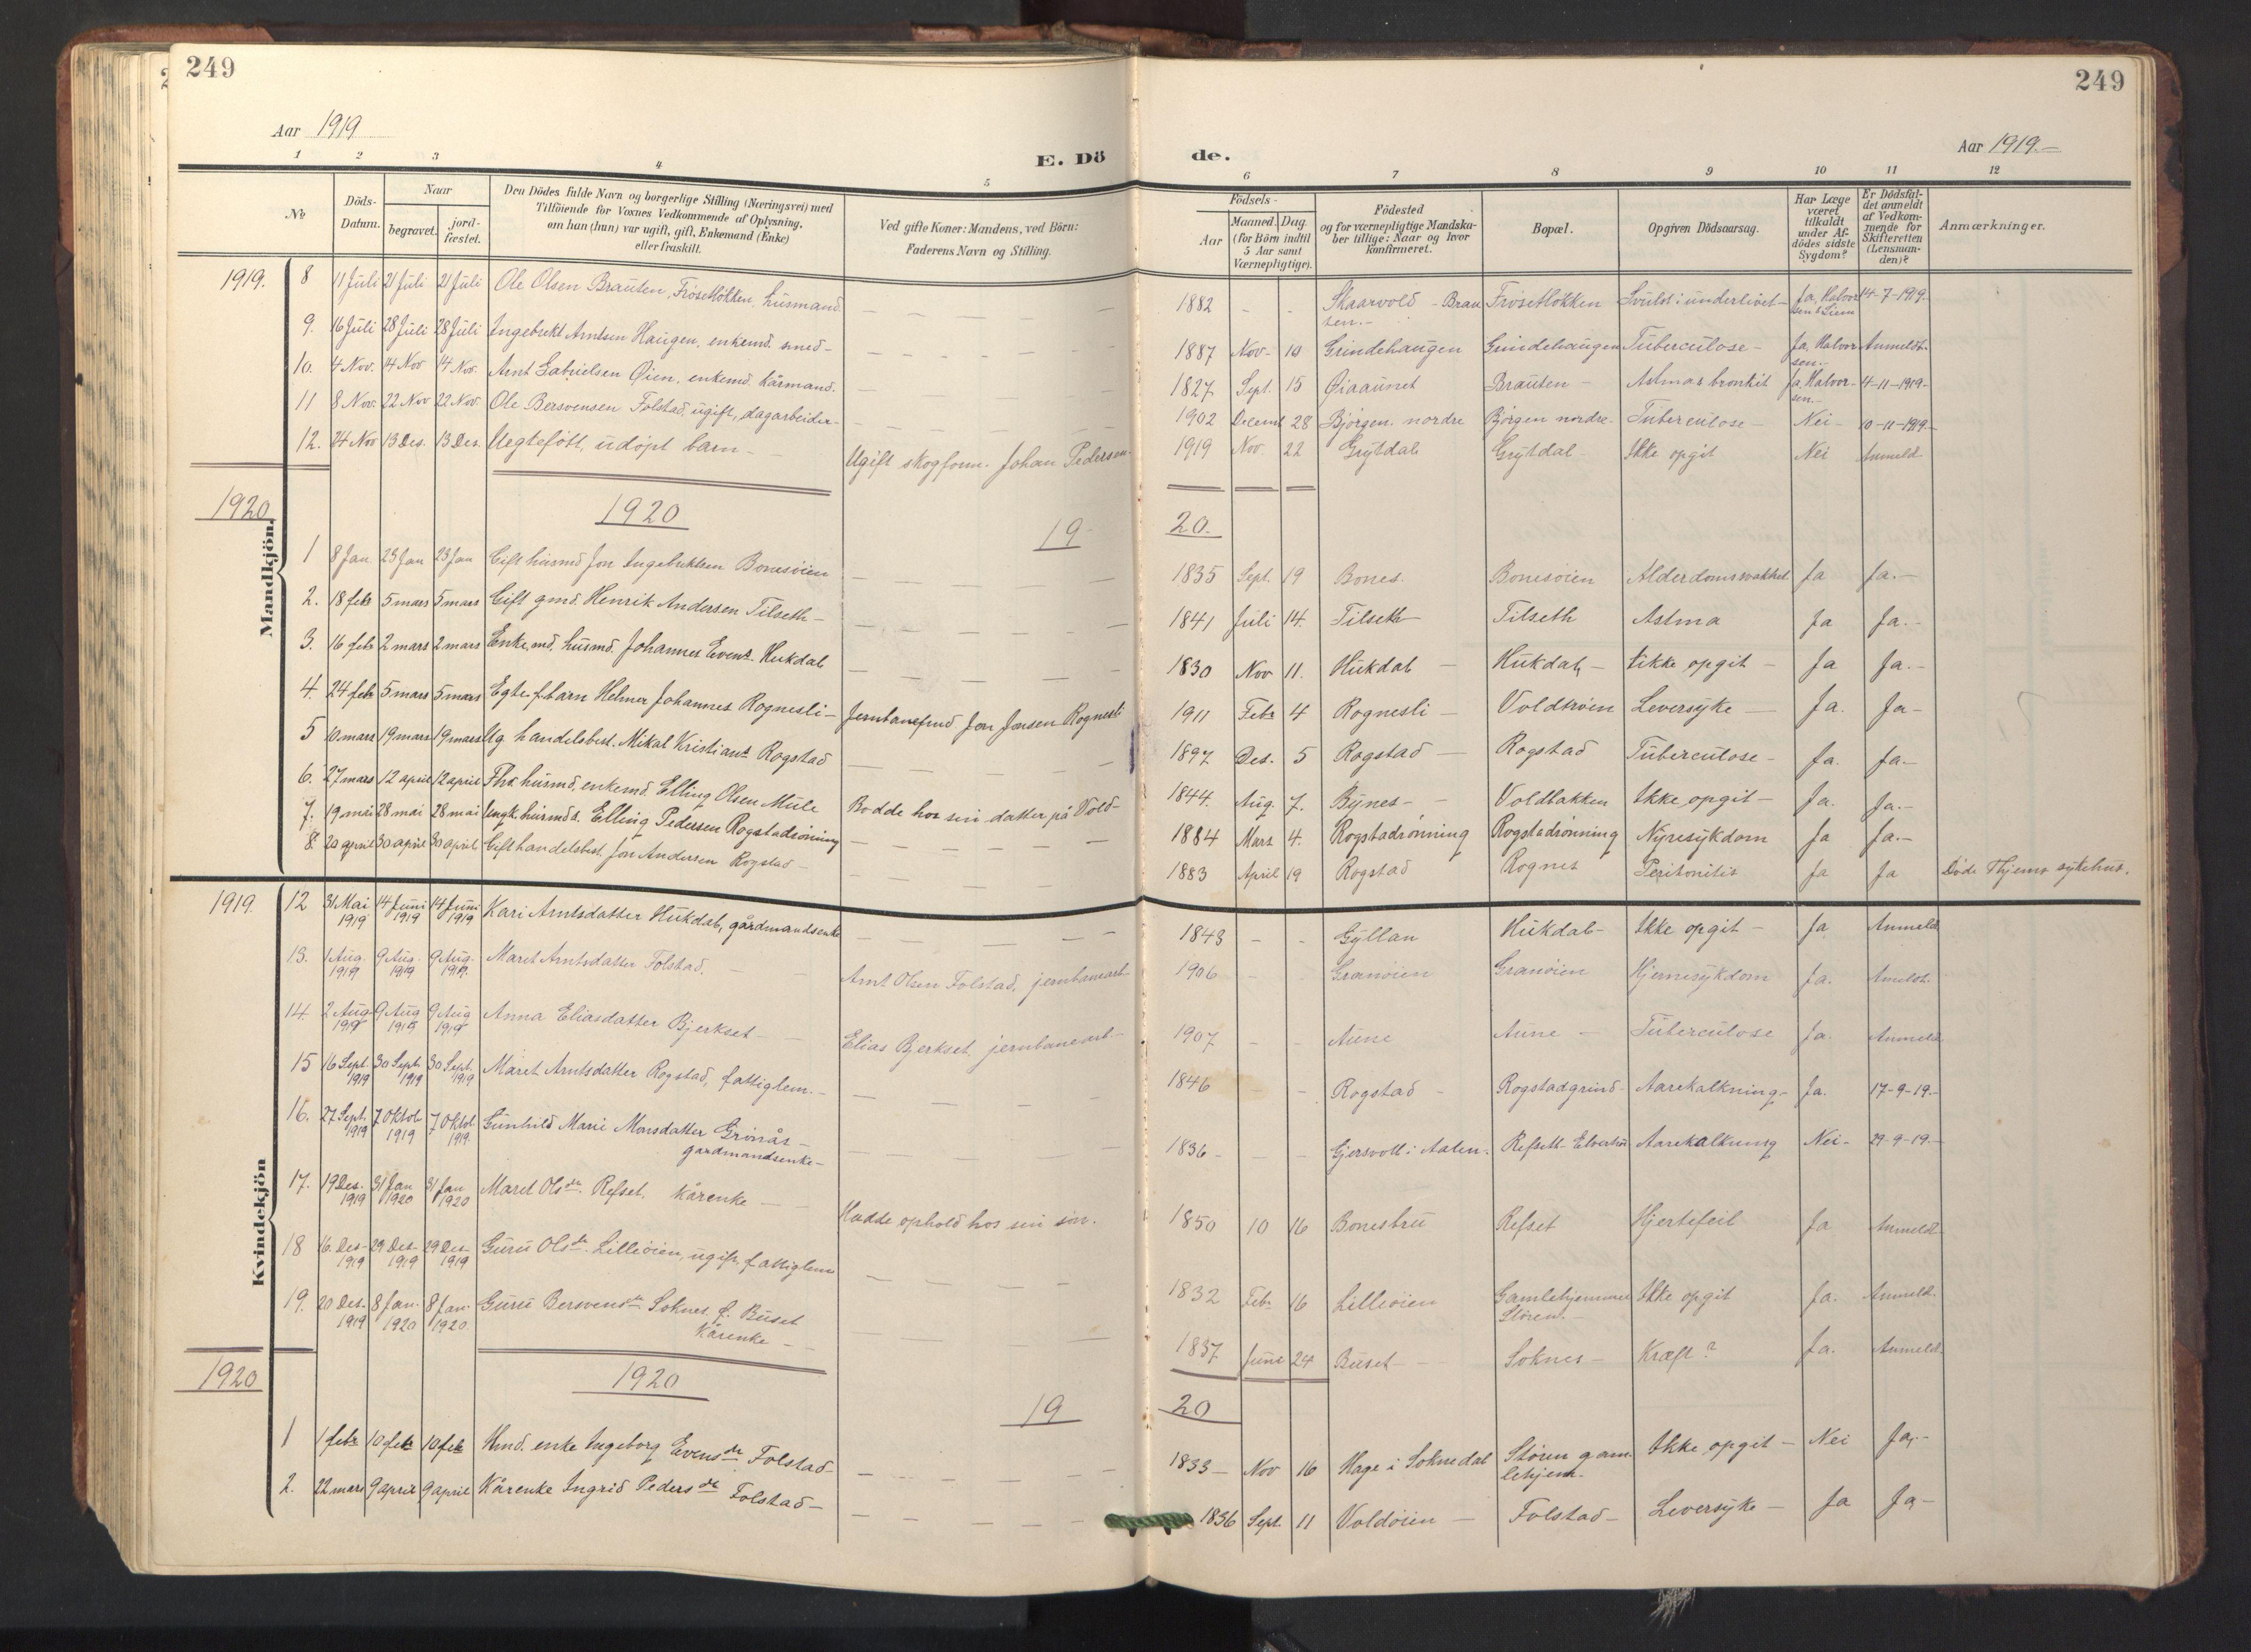 SAT, Ministerialprotokoller, klokkerbøker og fødselsregistre - Sør-Trøndelag, 687/L1019: Klokkerbok nr. 687C03, 1904-1931, s. 249